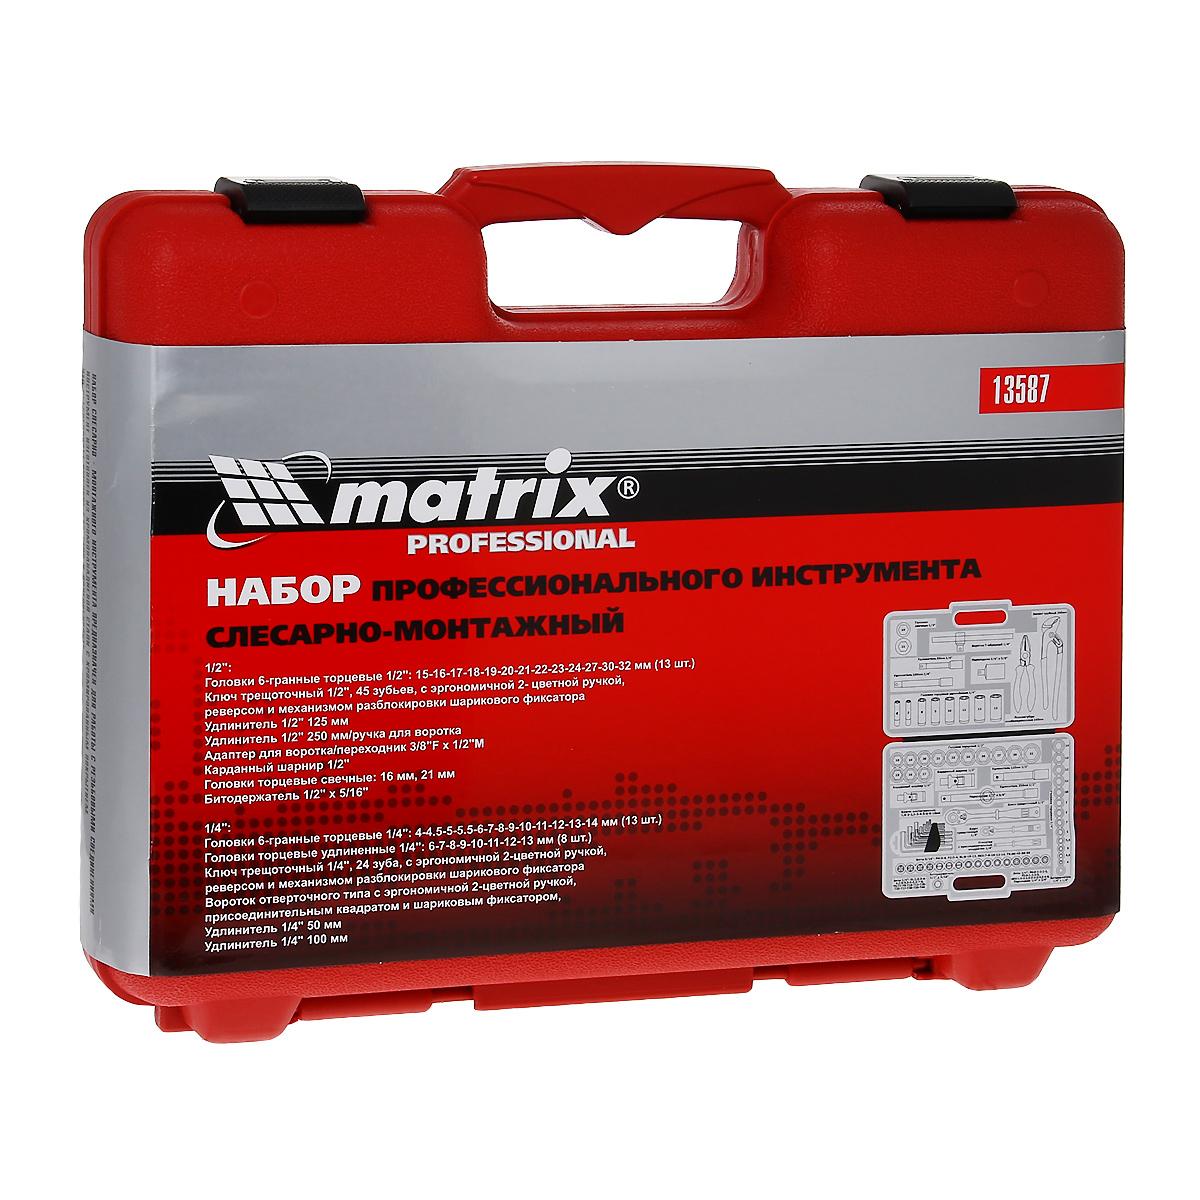 Набор слесарно-монтажный Matrix, 117 предметов13587Слесарно-монтажный набор Matrix предназначен для монтажа и демонтажа резьбовых соединений. Инструменты выполнены изхромованадиевой стали с хромированным покрытием, что обеспечивает высокое качество и долговечность. Состав набора: 1/2: Головки шестигранные торцевые: 15 мм, 16 мм, 17 мм, 18 мм, 19 мм, 20 мм, 21 мм, 22 мм, 23 мм, 24 мм, 27 мм, 30 мм, 32 мм. Ключ трещоточный, 45 зубьев, с эргономичной двухцветной ручкой, реверсом и механизмом разблокировки шариковогофиксатора. Удлинитель 125 мм. Удлинитель 250 мм/ручка для воротка. Адаптер для воротка/переходник 3/8F х 1/2M. Карданный шарнир. Головки торцевые свечные: 16 мм, 21 мм. Битодержатель 1/2 х 5/16. 1/4: Головки шестигранные торцевые: 4 мм, 4,5 мм, 5 мм, 5.5 мм, 6 мм, 7 мм, 8 мм, 9 мм, 10 мм, 11 мм, 12 мм, 13 мм, 14 мм. Шестигранные угловые (Г-образные) ключи: 1.5 мм, 2 мм, 2.5 мм, 3 мм, 4 мм, 5 мм, 6 мм, 8 мм, 10 мм. Головки торцевые удлиненные: 6 мм, 7 мм, 8 мм, 9 мм, 10 мм, 11 мм, 12 мм, 13 мм. Ключ трещоточный, 24 зуба, с эргономичной двухцветной ручкой, реверсом и механизмом разблокировки шариковогофиксатора. Вороток отверточного типа с эргономичной двухцветной ручкой, присоединительным квадратом и шариковым фиксатором. Удлинитель 50 мм. Удлинитель 100 мм.